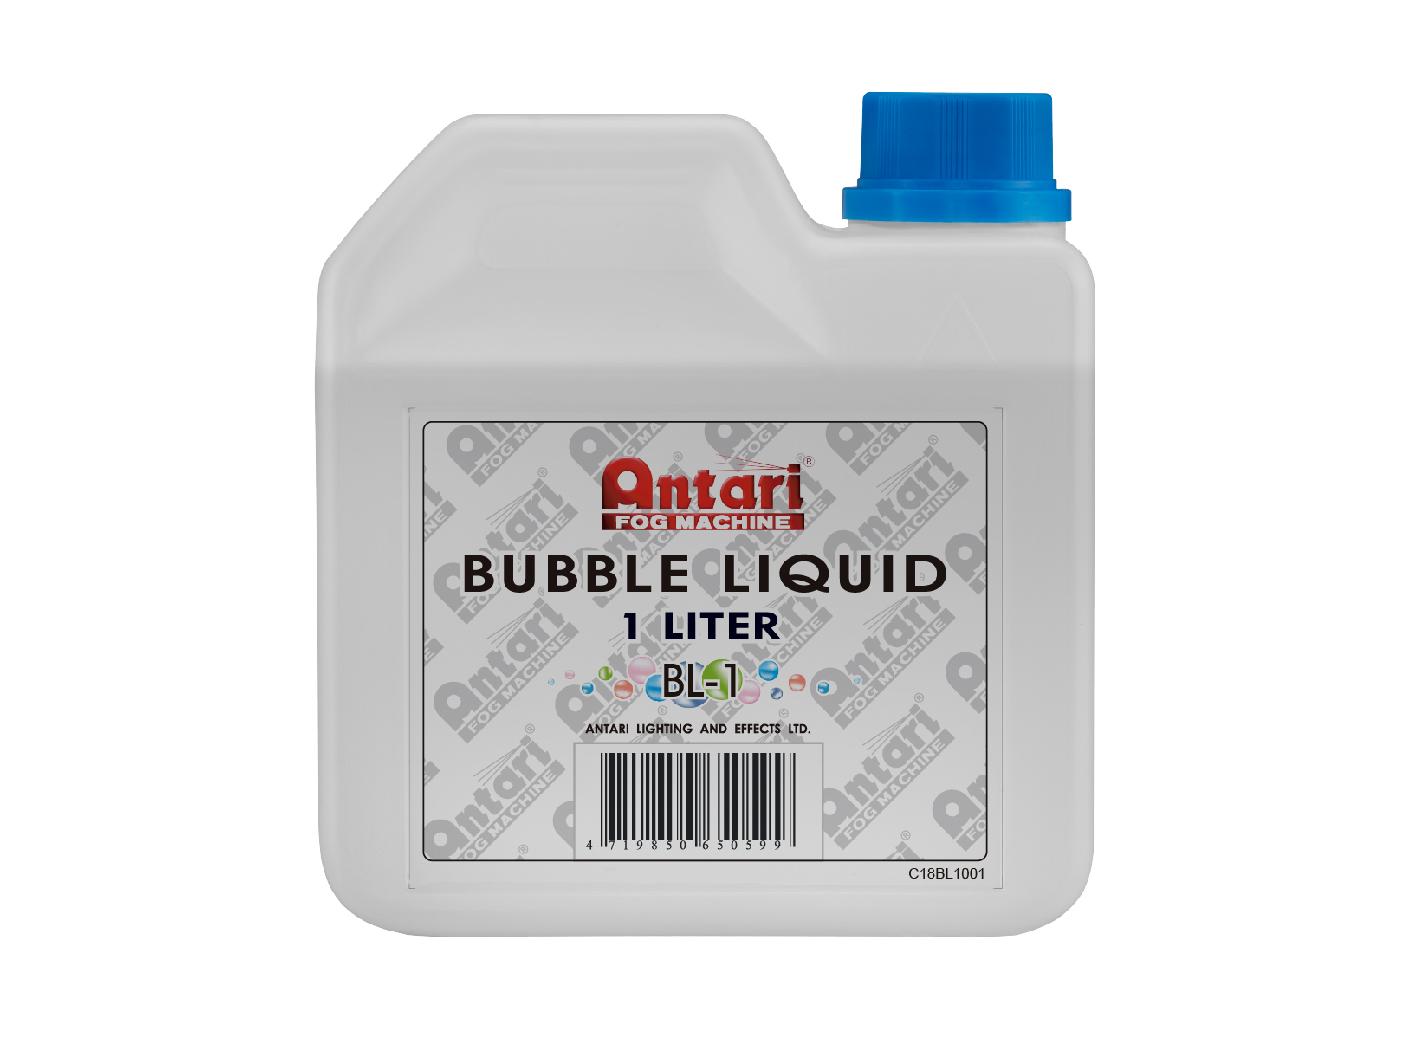 Fluid_BL-1 Bubble Liquid